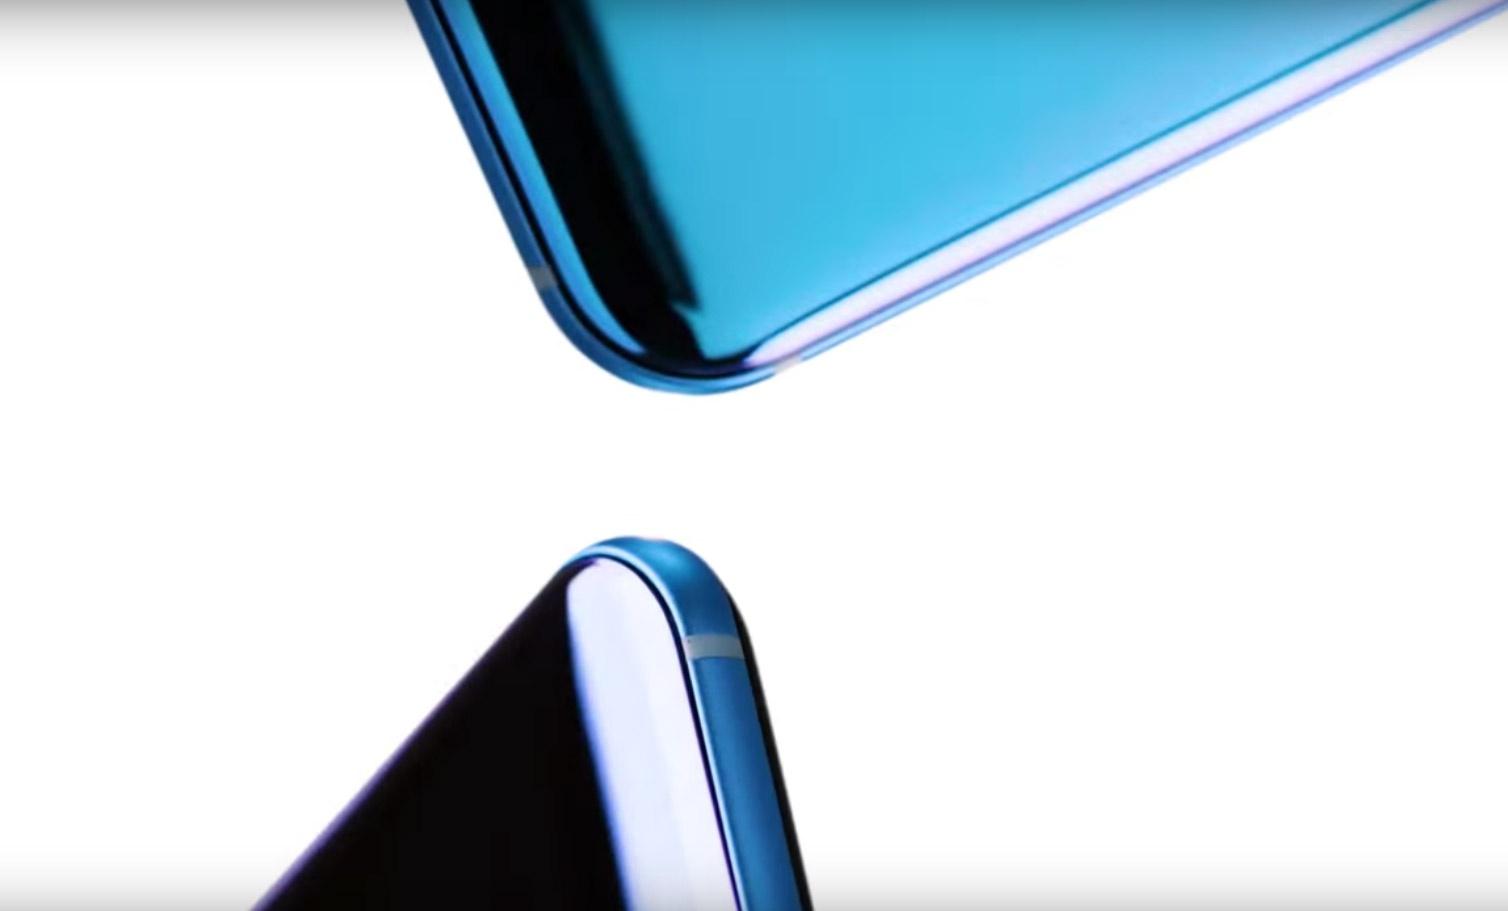 Компания НТС анонсировала создание сжимаемого смартфона